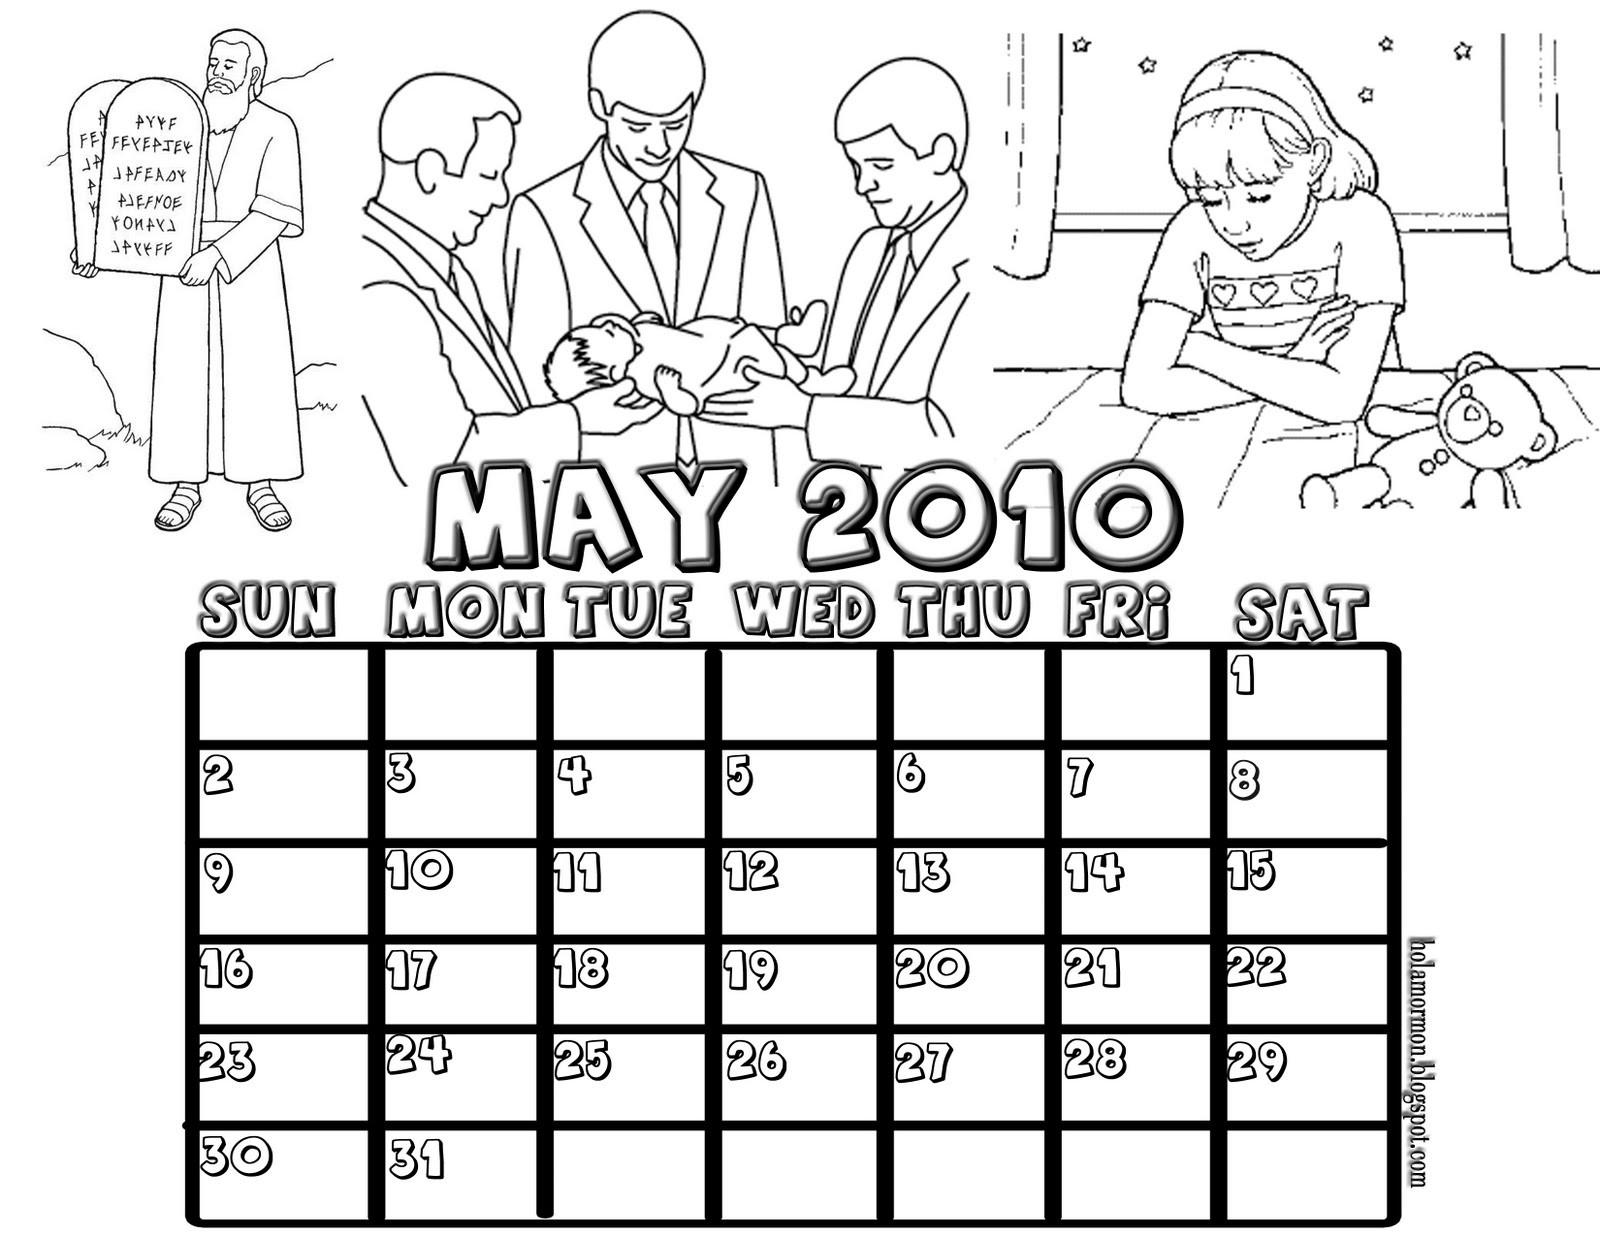 Calendario 2017 Baleares Para Imprimir Más Recientemente Liberado Impresionante Imagenes Para Colorear Honestidad Of Calendario 2017 Baleares Para Imprimir Actual List Of Synonyms and Antonyms Of the Word Calendario 2014 Mexico